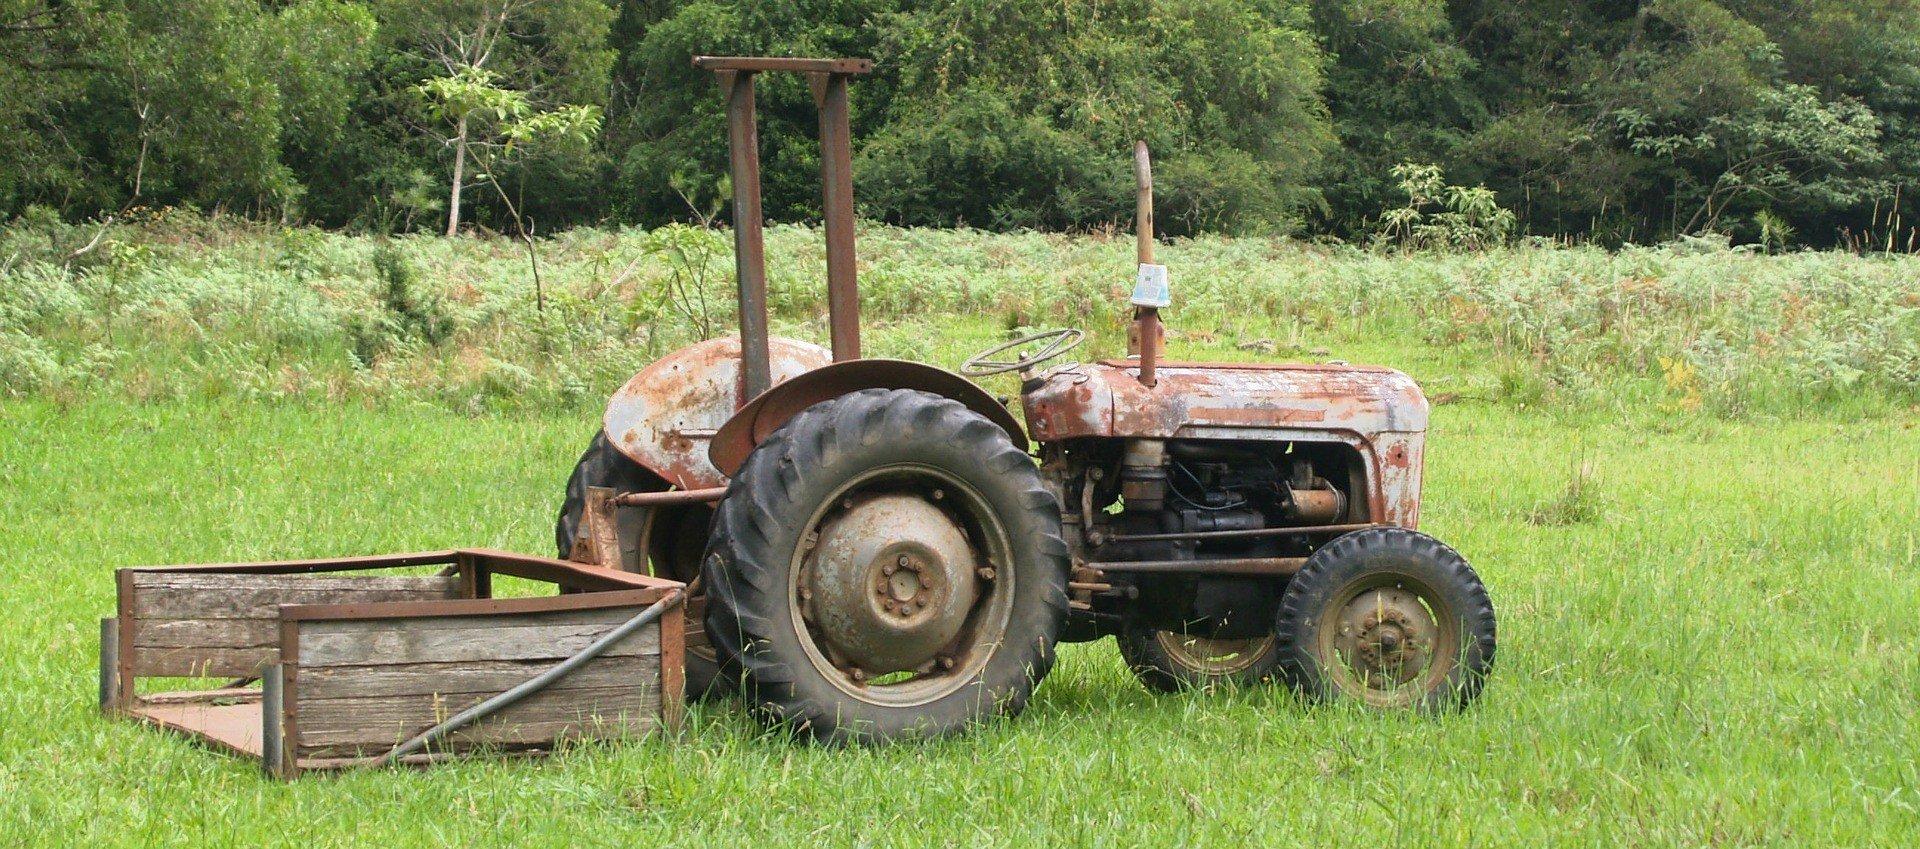 Old Tractor in Arkansas - VeteranCarDonations.org